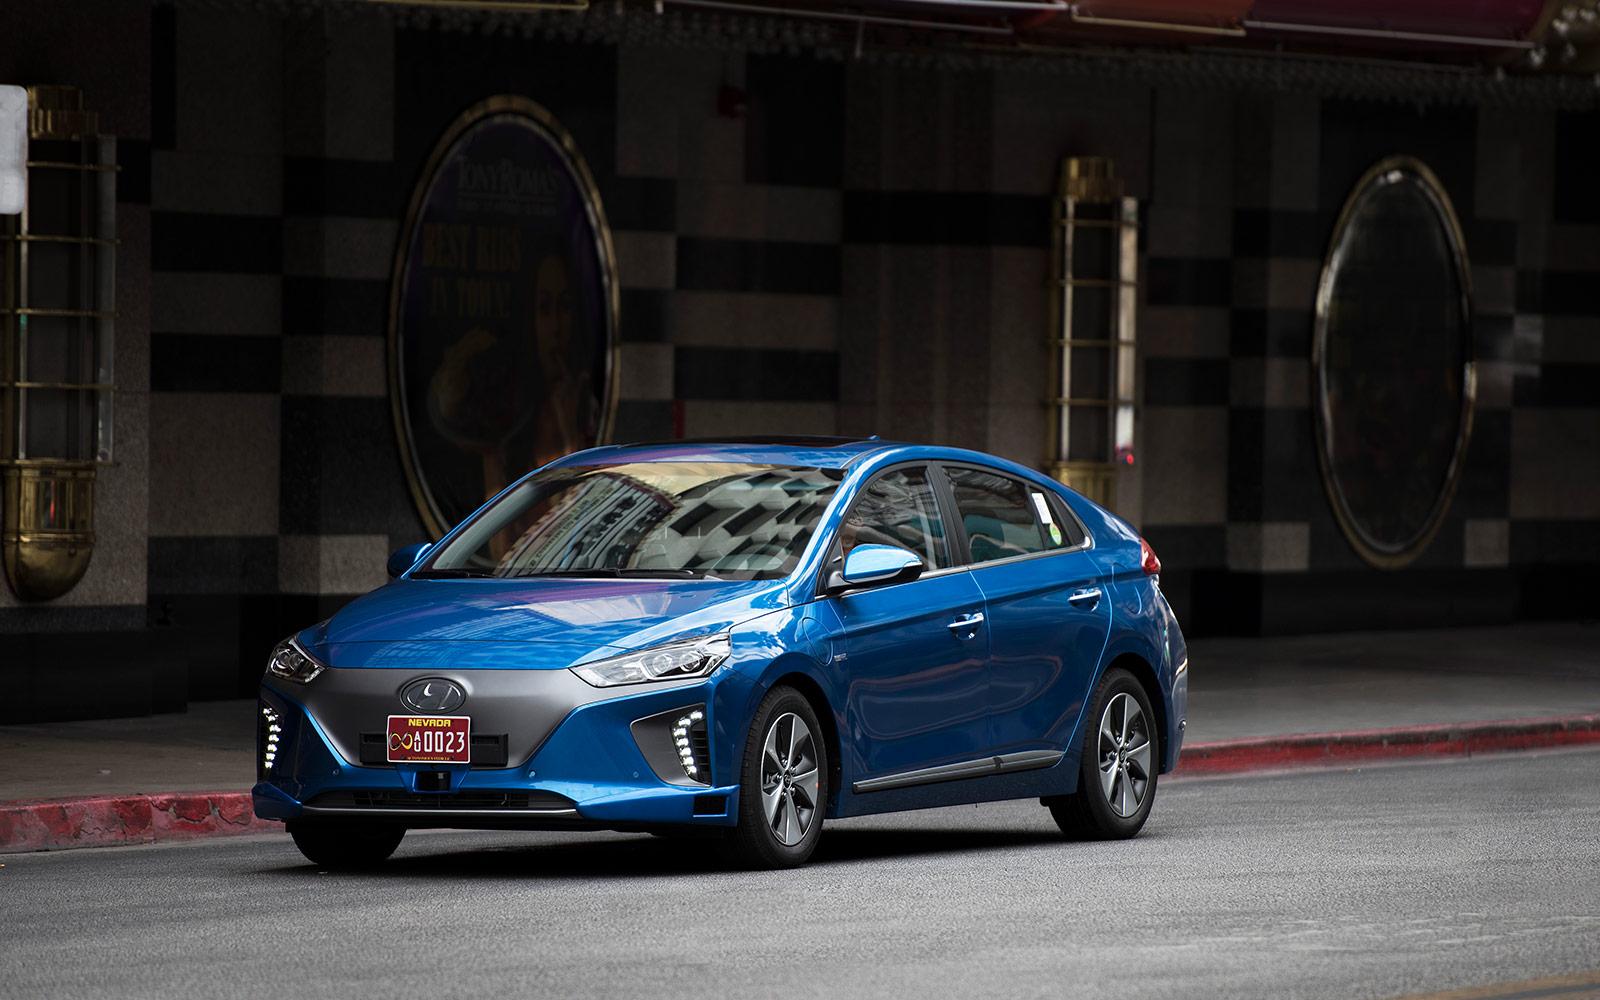 Samochody autonomiczne Hyundai już w 2022 roku? 22